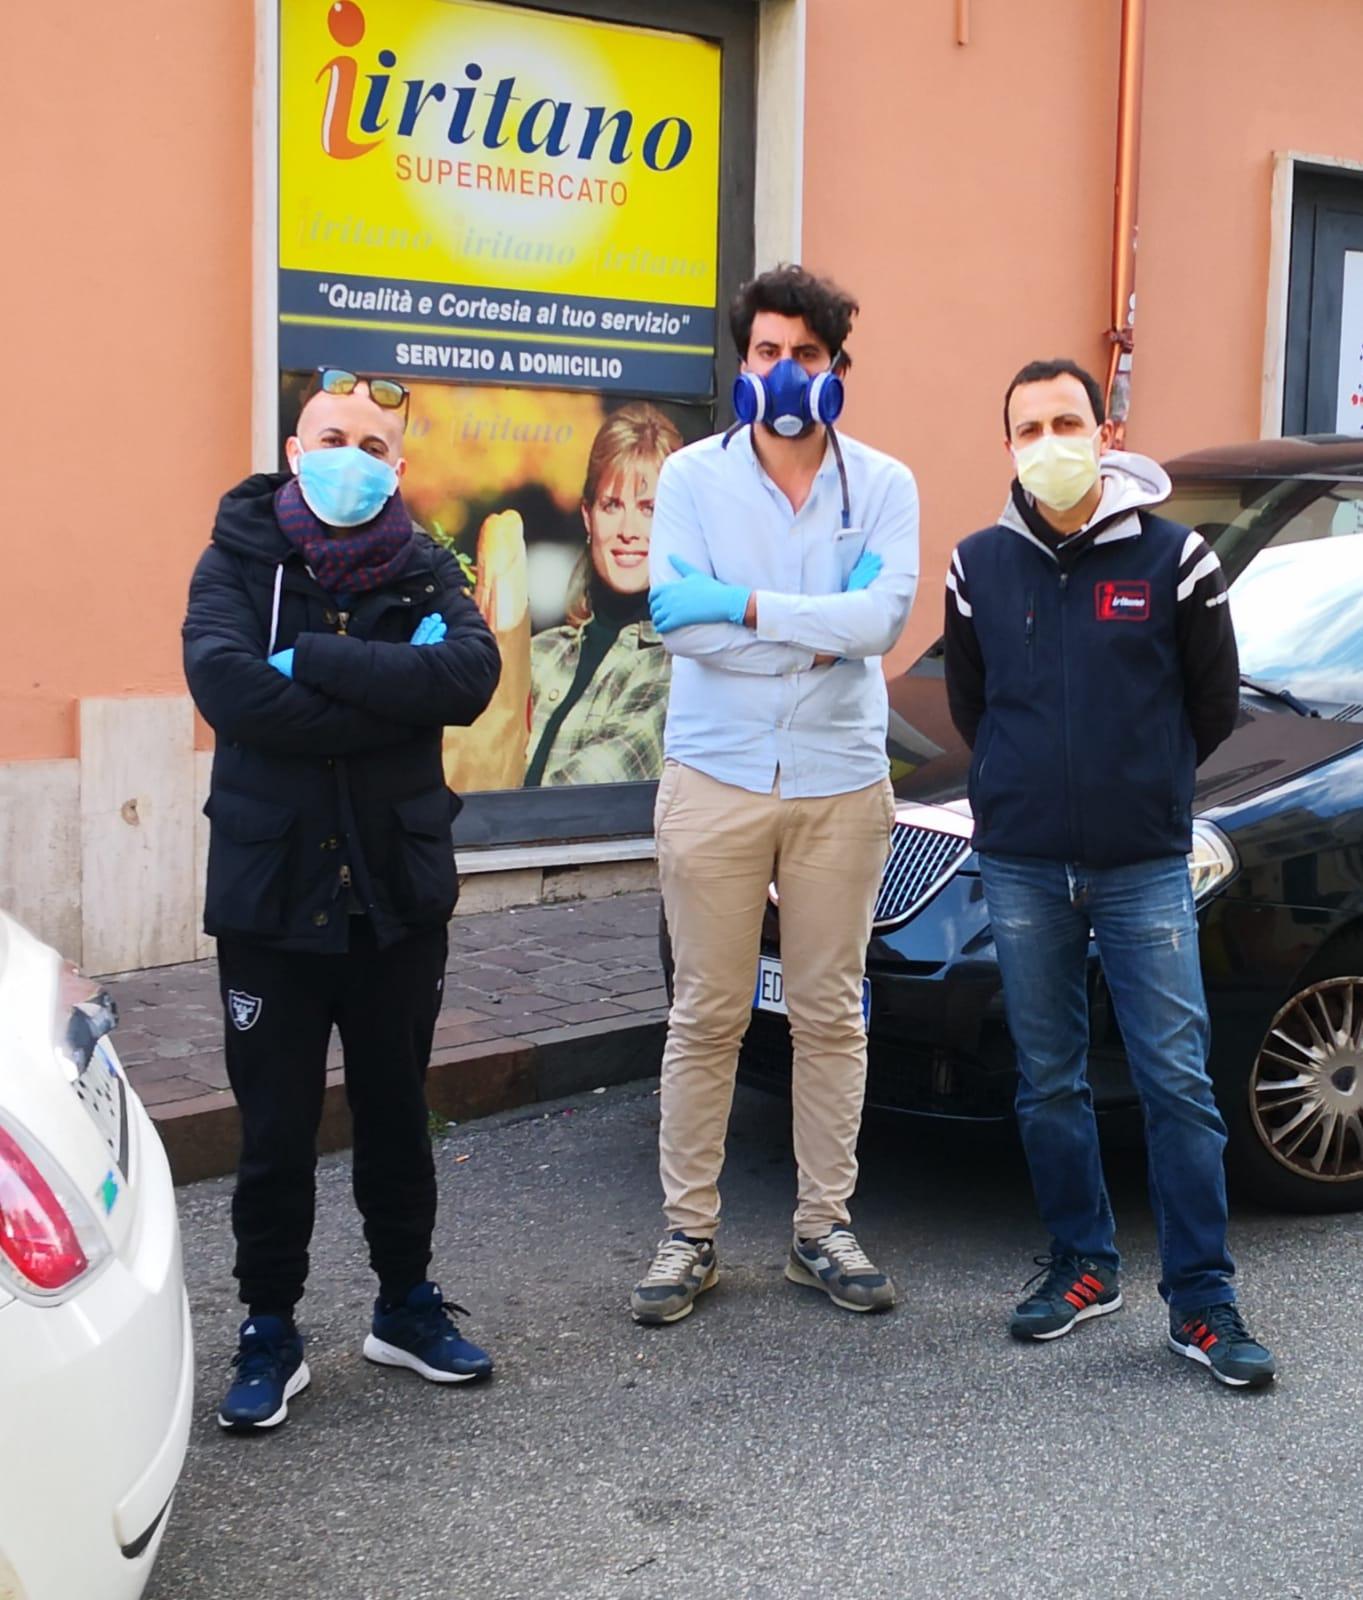 Città del Vento raccoglie bevande reidratanti e beni di conforto per gli infermieri dei reparti covid dell'ospedale Pugliese-Ciaccio di Catanzaro